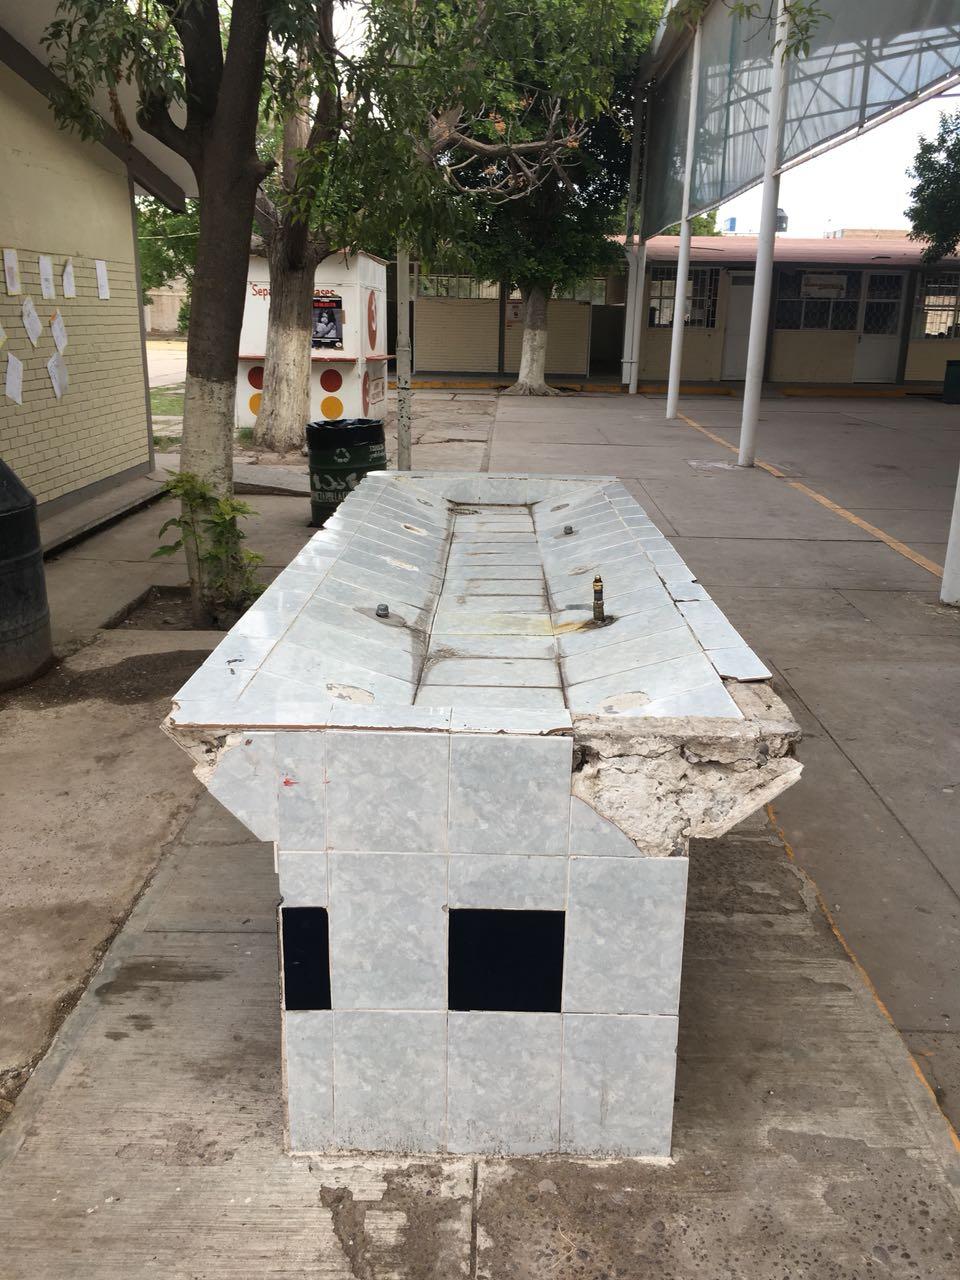 Mejoras en la infraestructura de la Escuela Primaria 'Felipe Ángeles' se realizarán a través del PAE.